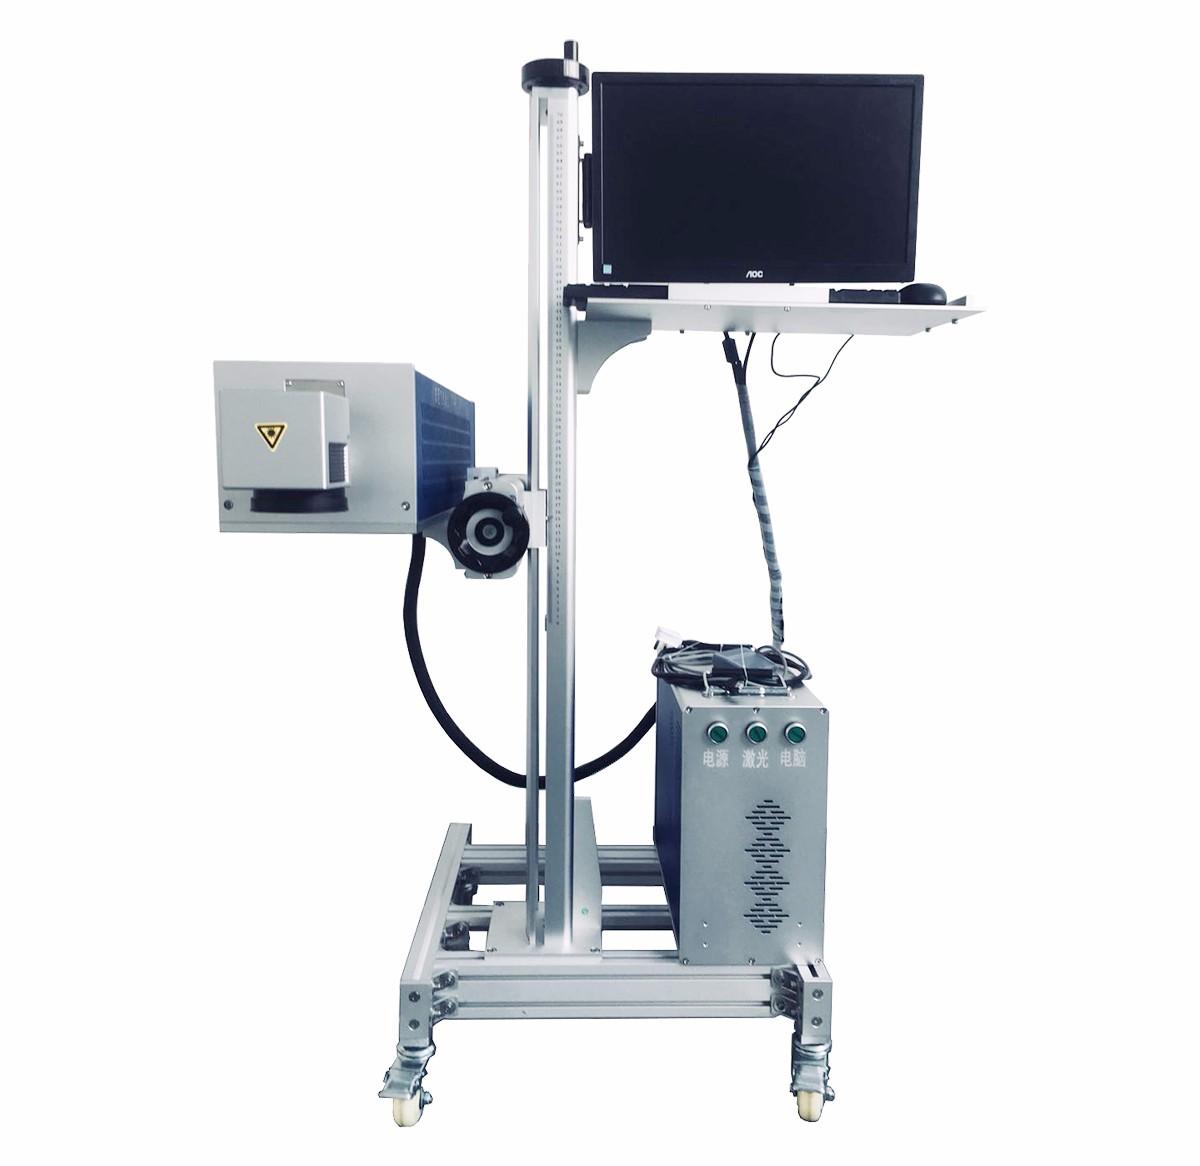 激光雕刻機|激光焊接機|打標機廠家-選擇飛創激光科技公司